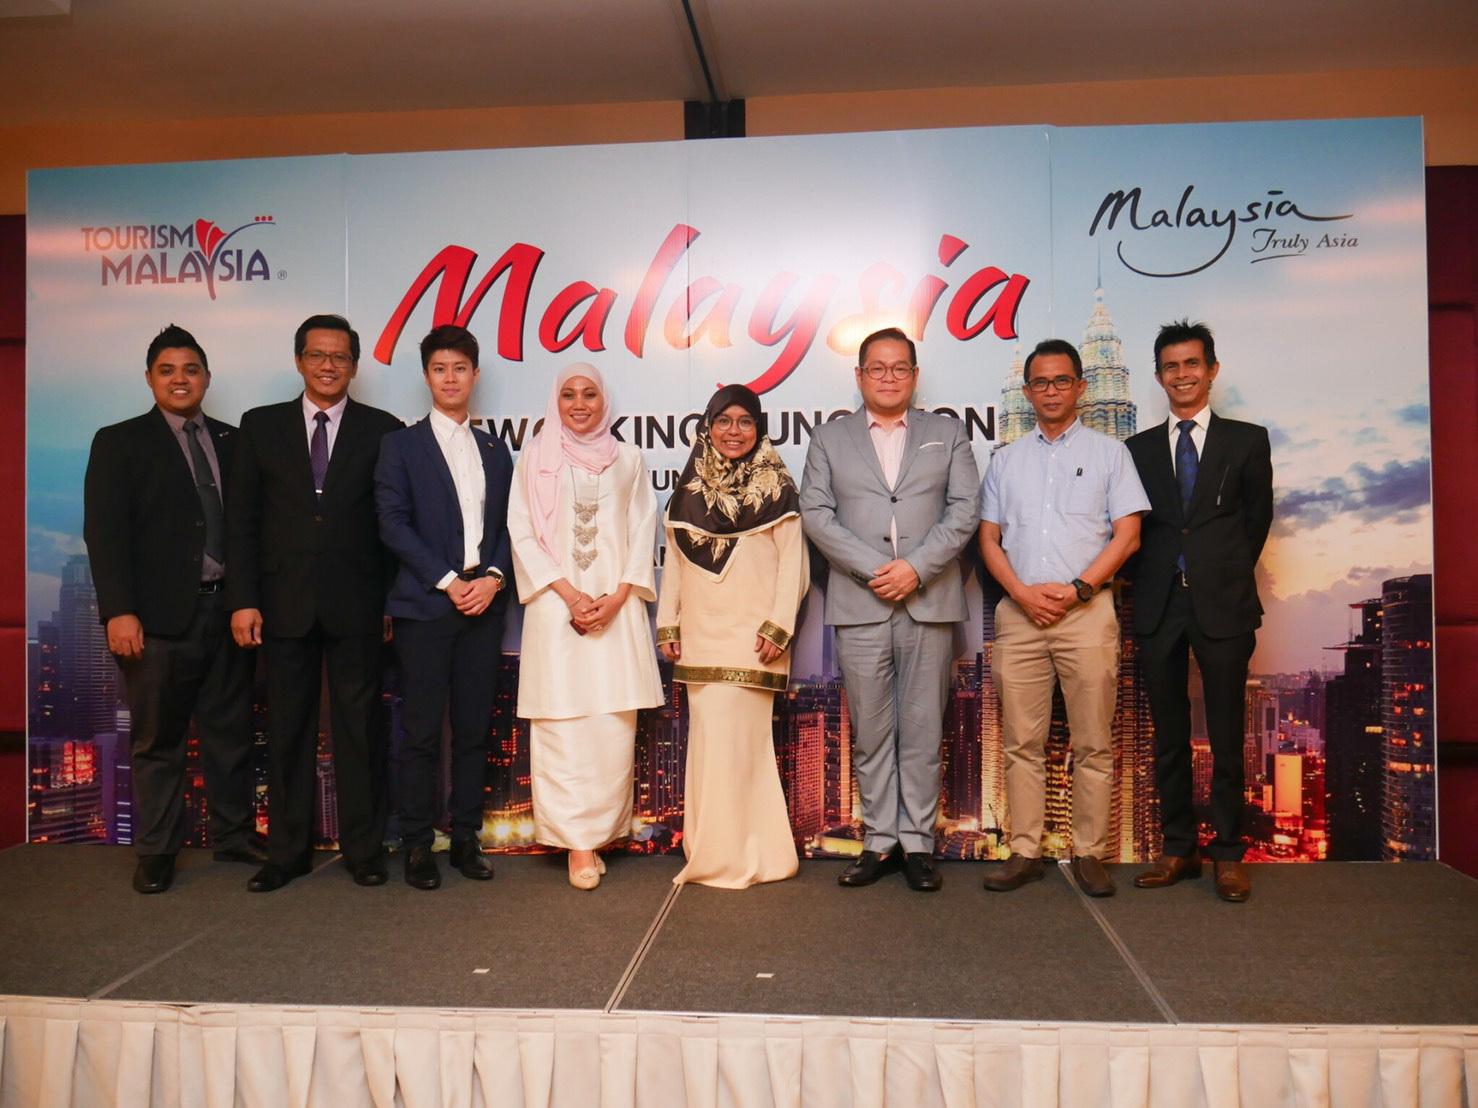 การท่องเที่ยวมาเลเซีย จัดงาน Malaysia Tourism Product Engagement